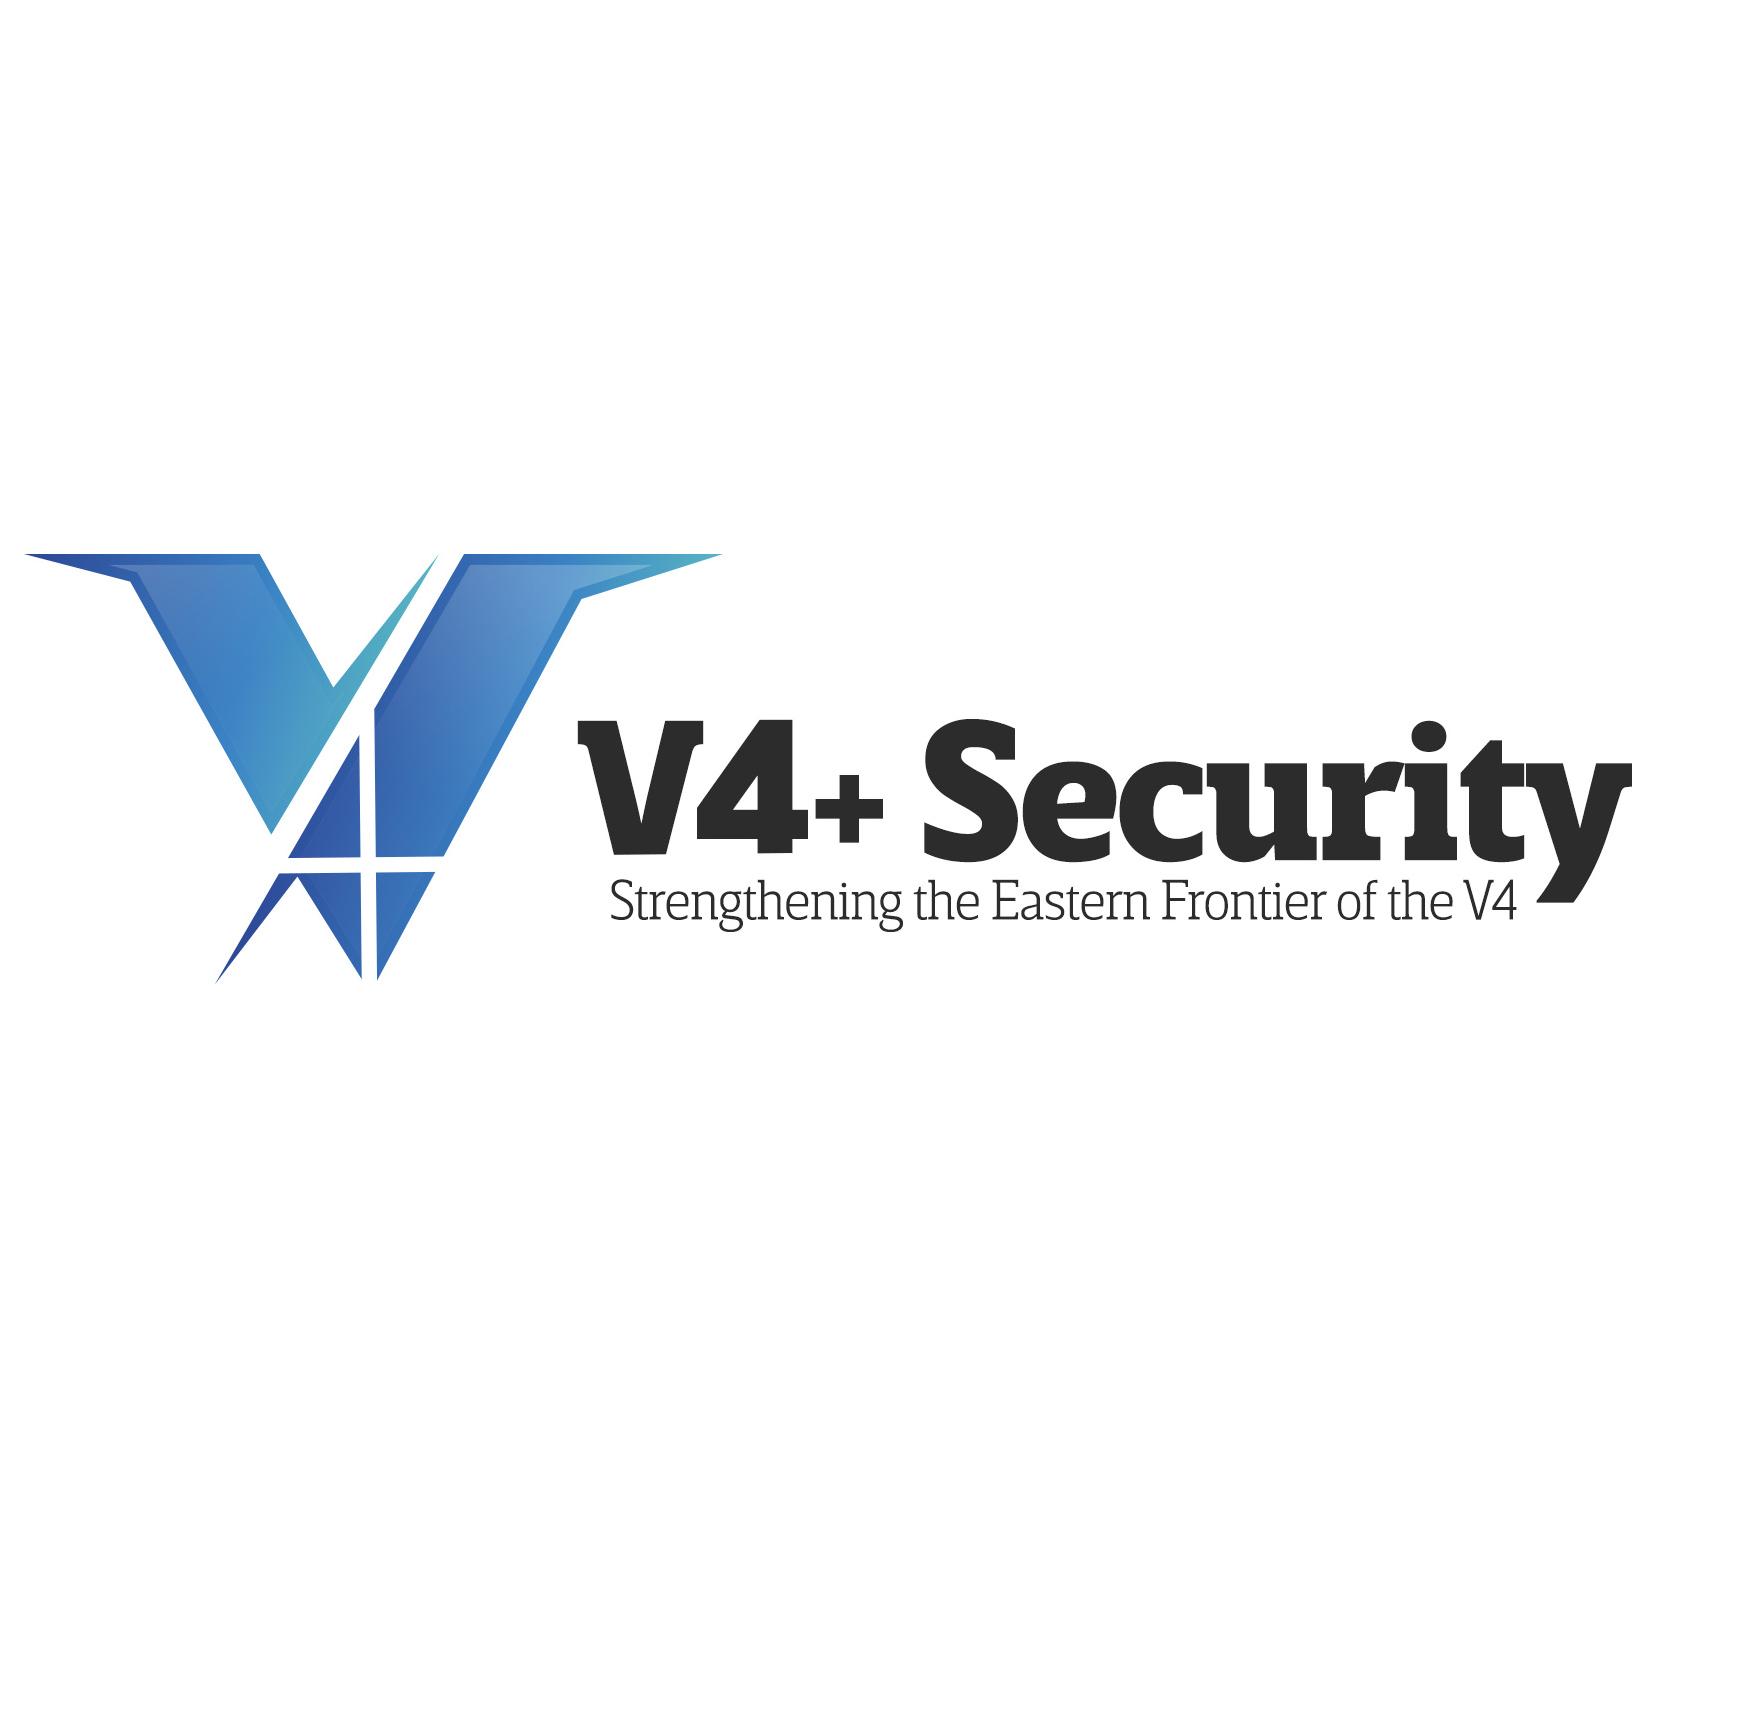 V4+ Security